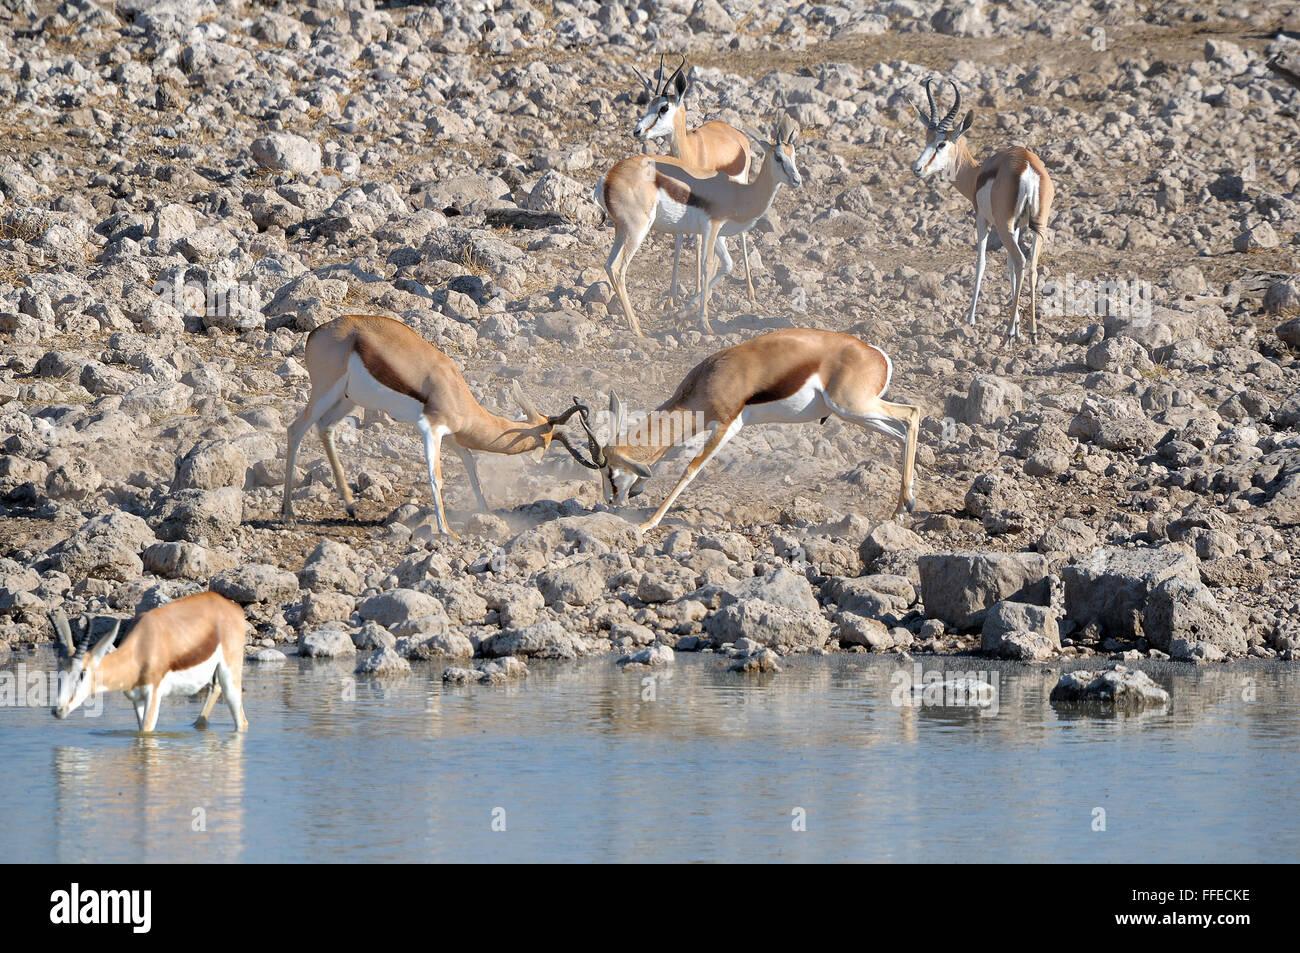 Springbok rams fighting at Okaukeujo in the Etosha National Park - Stock Image